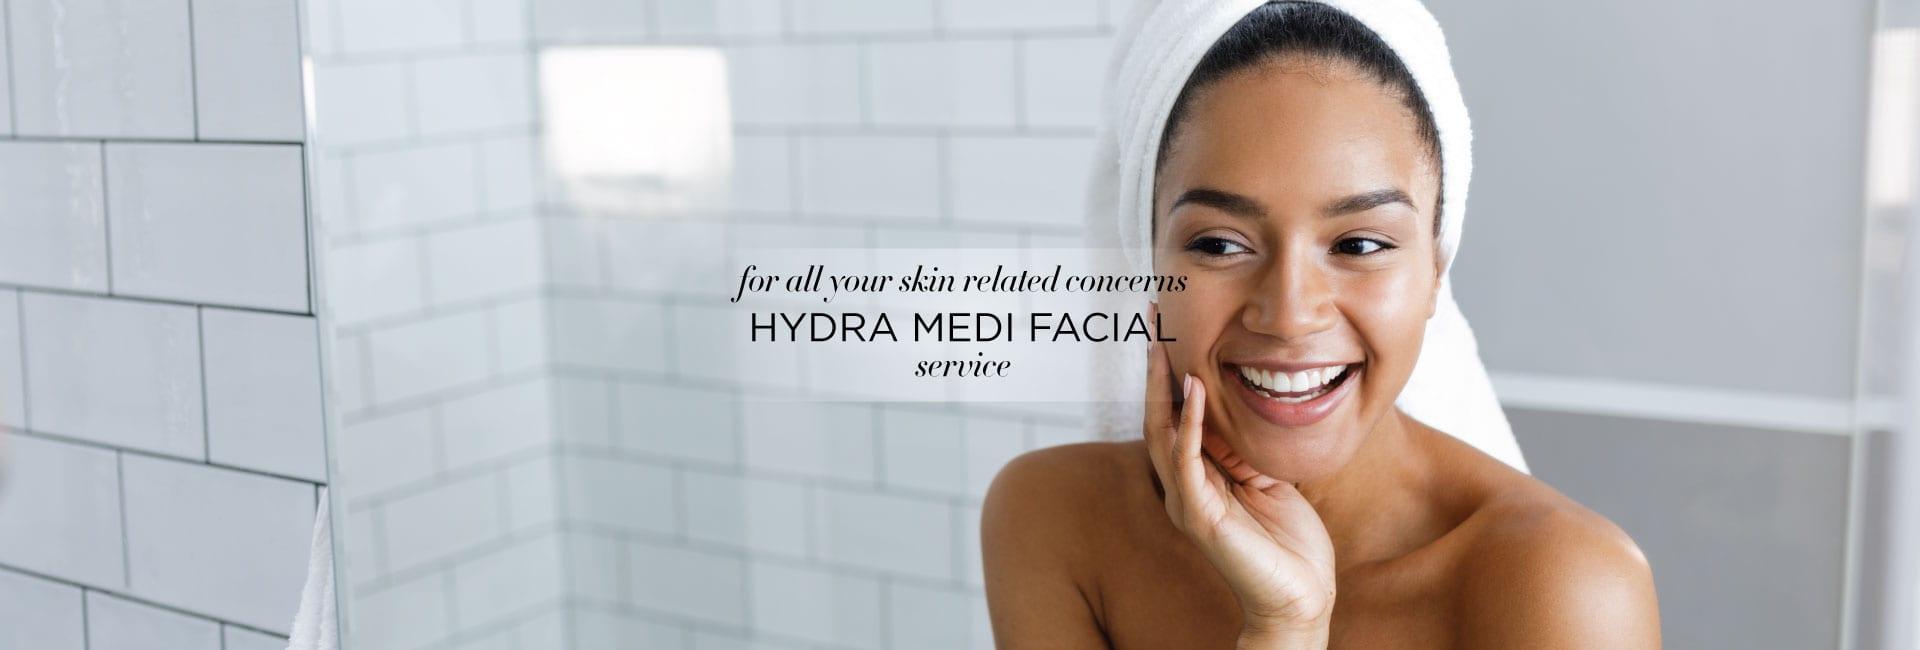 Clinic-Banner_Hydra-medi-facial_v2